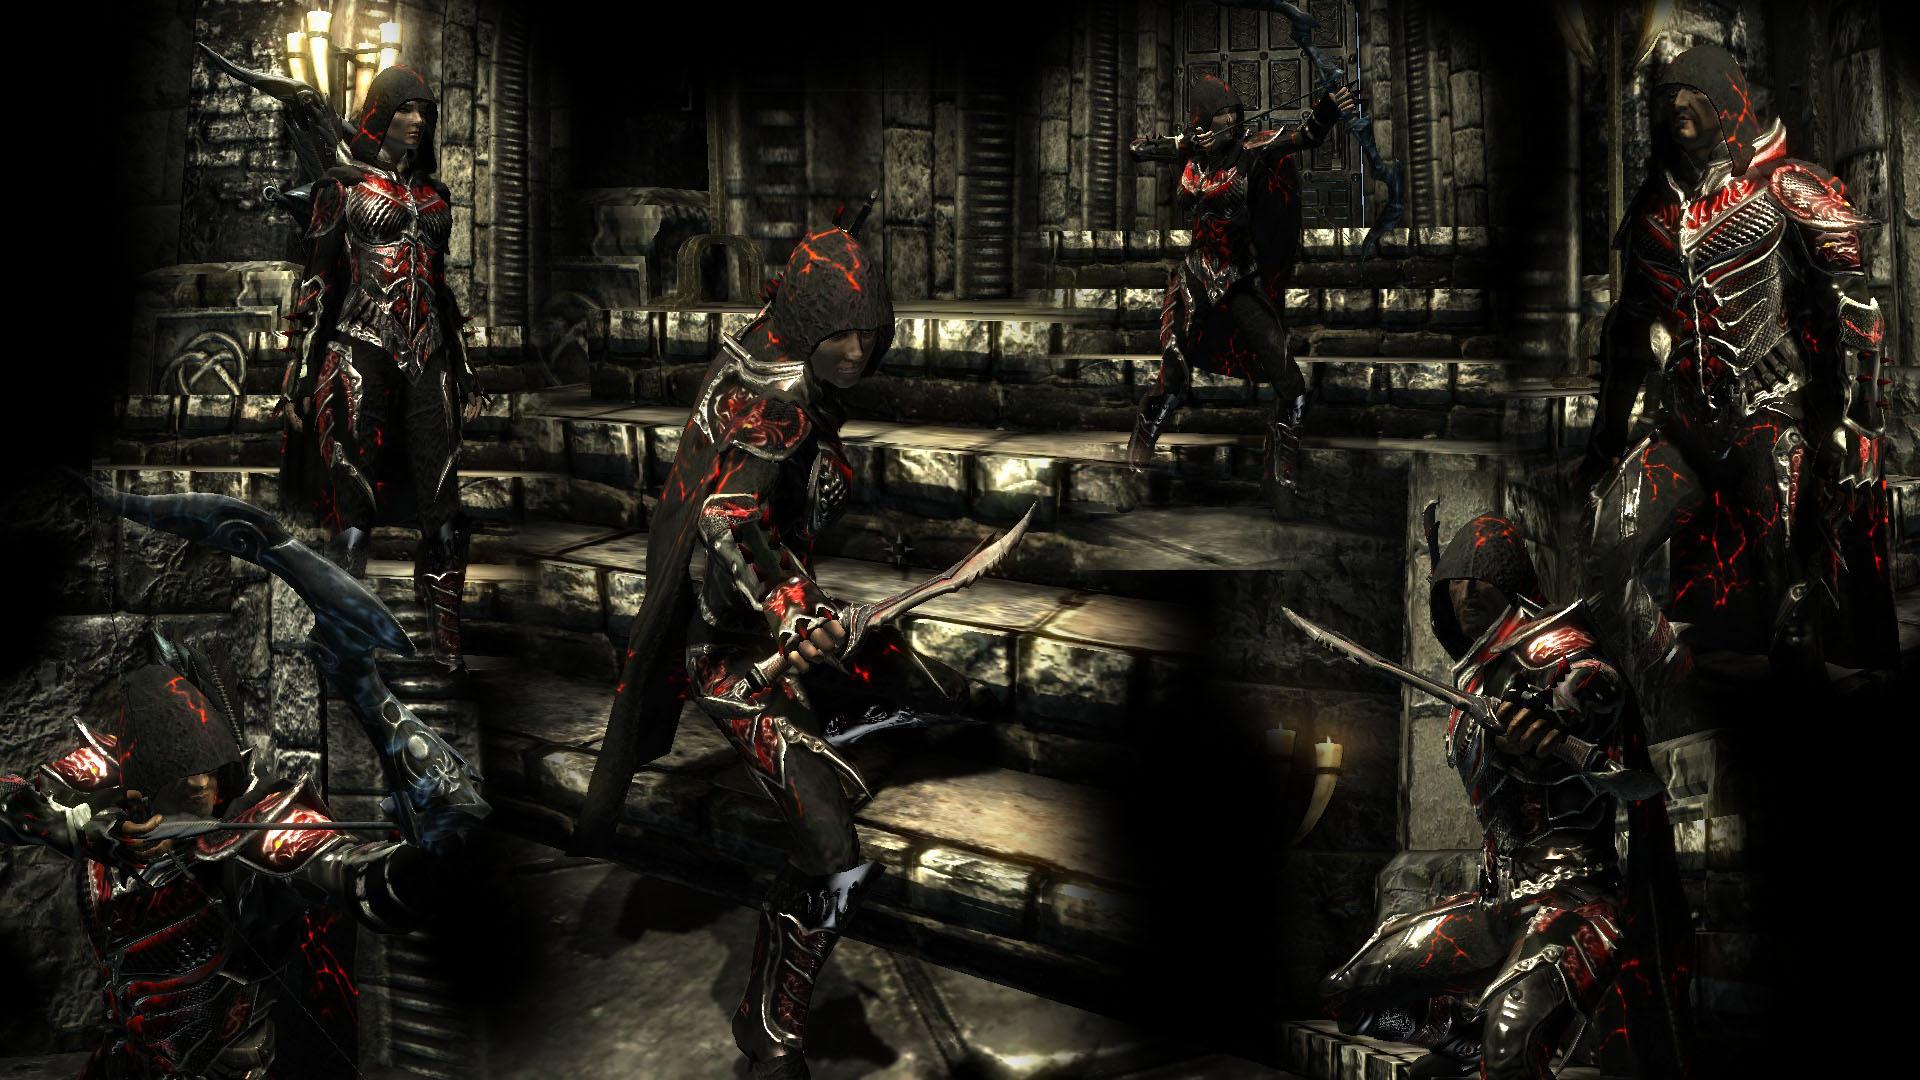 Daedric_Assassin_Armor_01.jpg